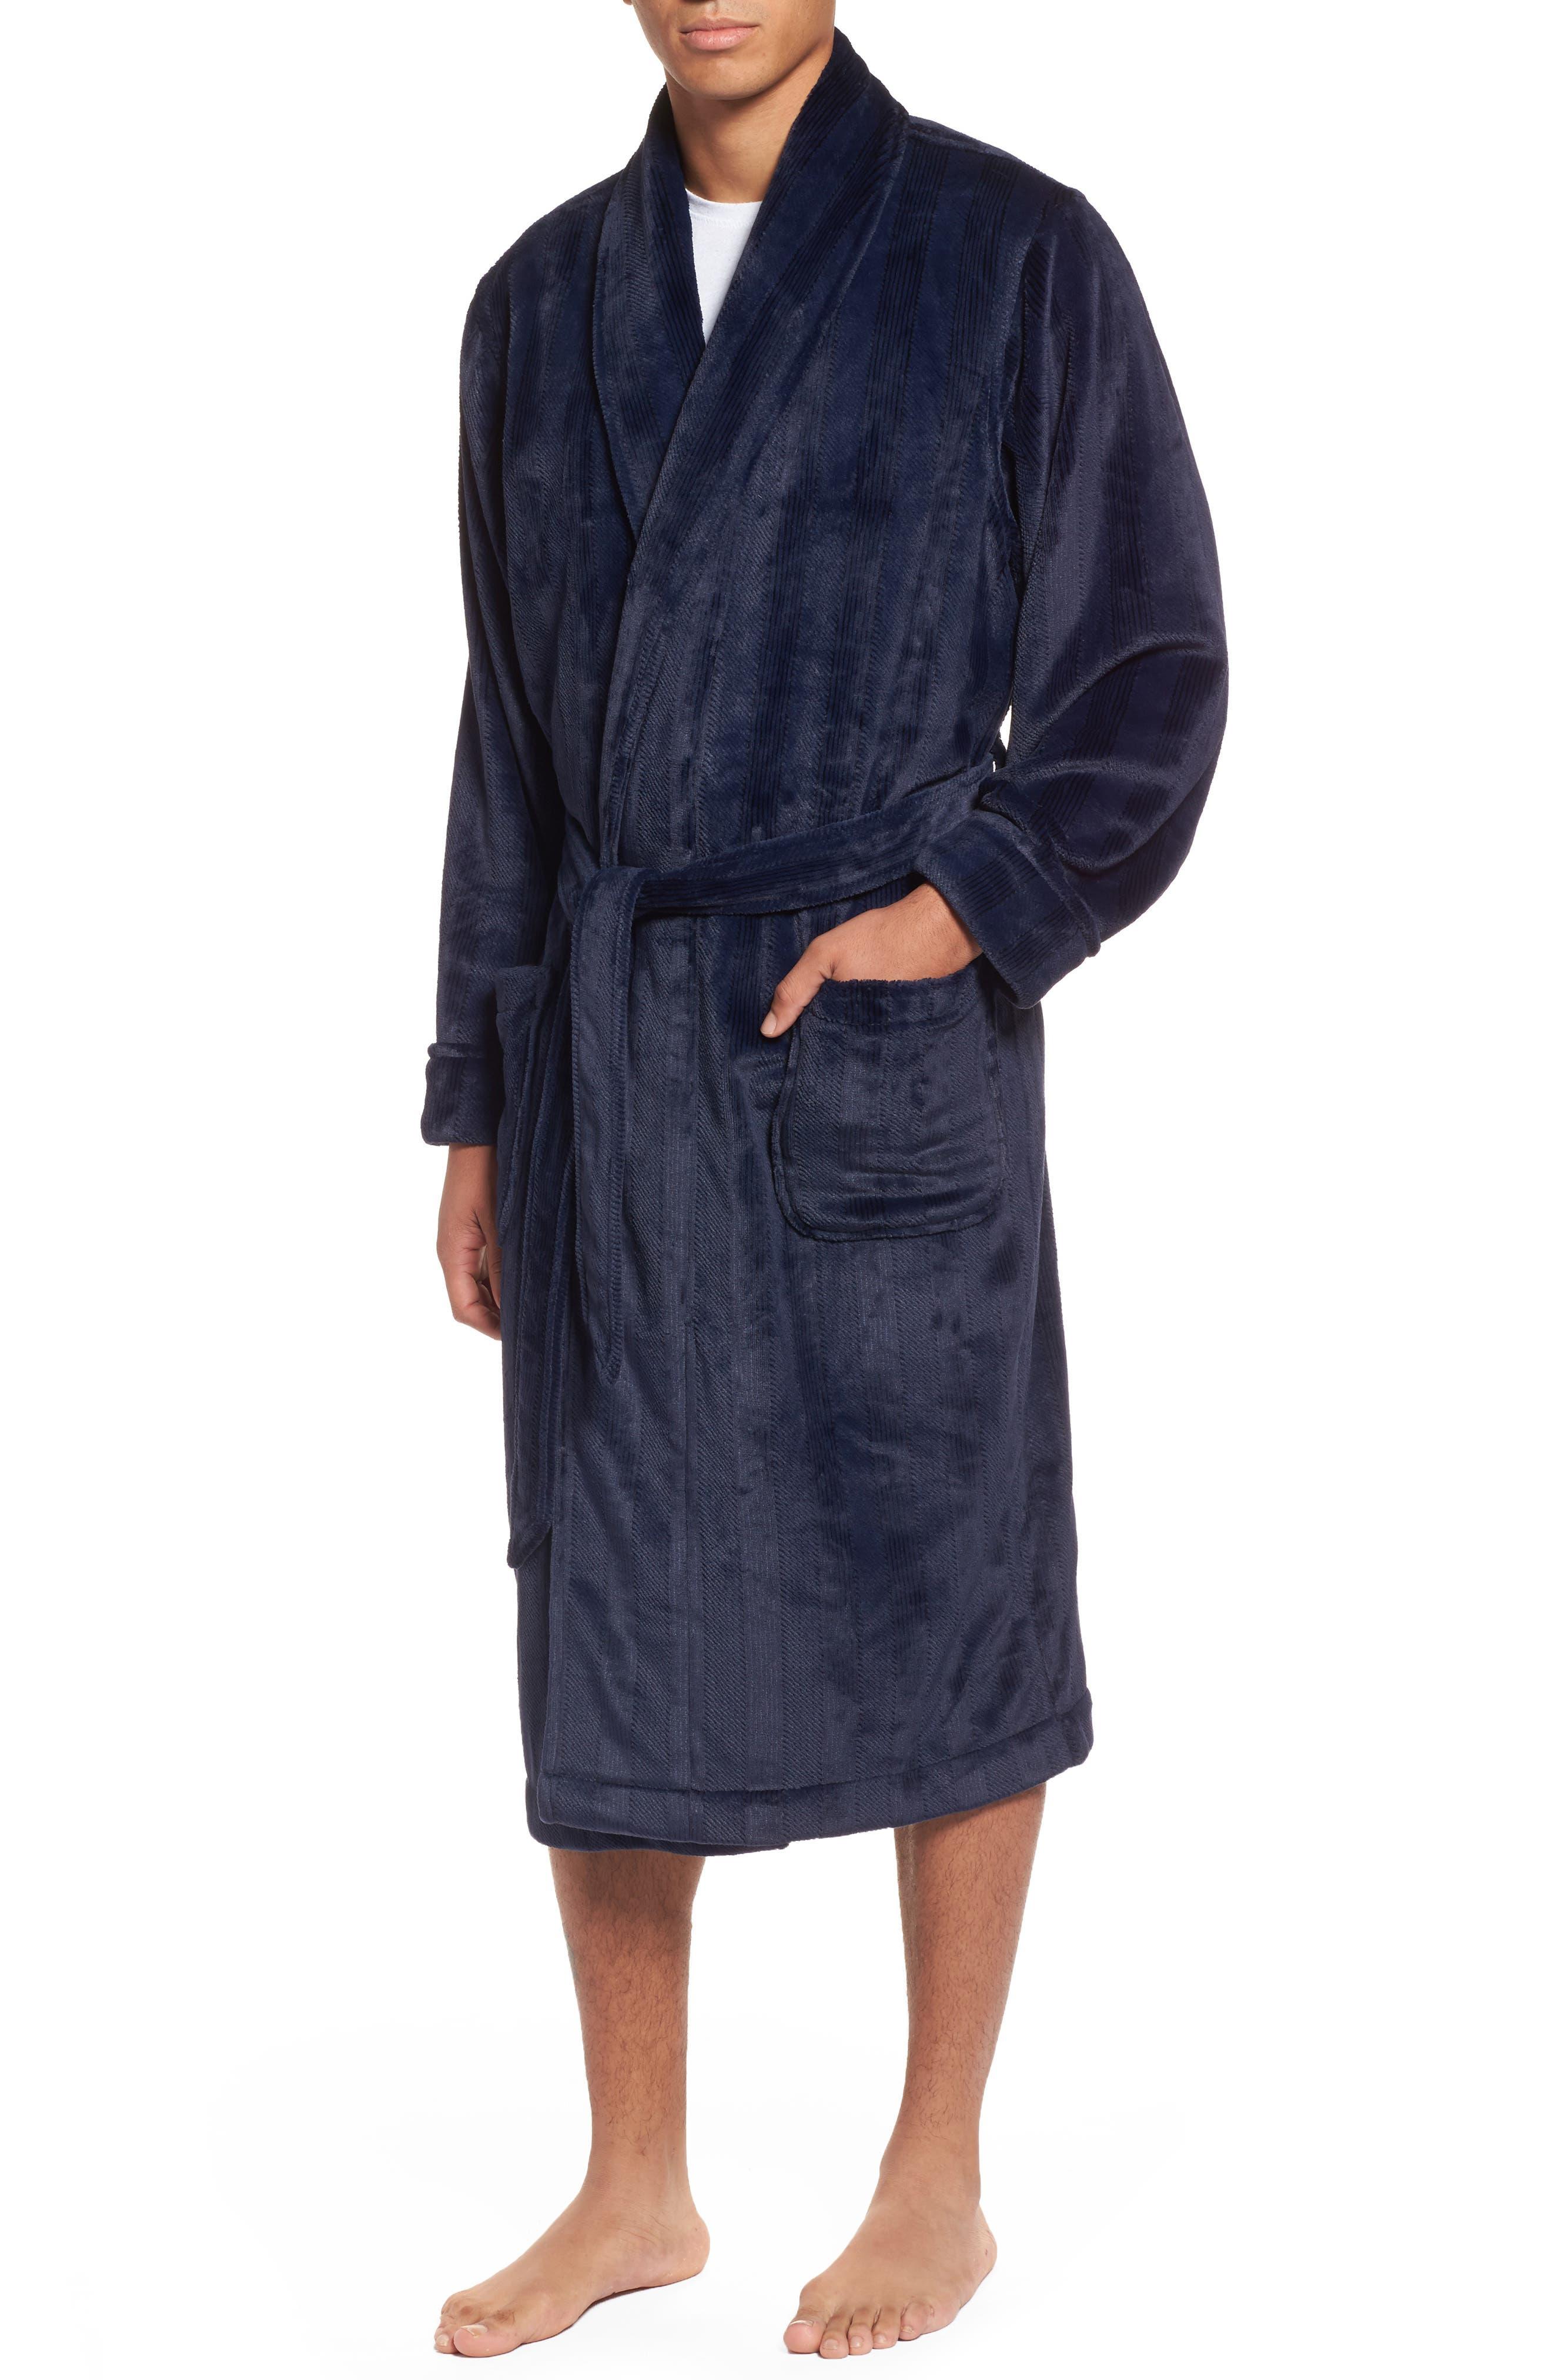 Nordstrom Men's Shop Embossed Textured Fleece Robe